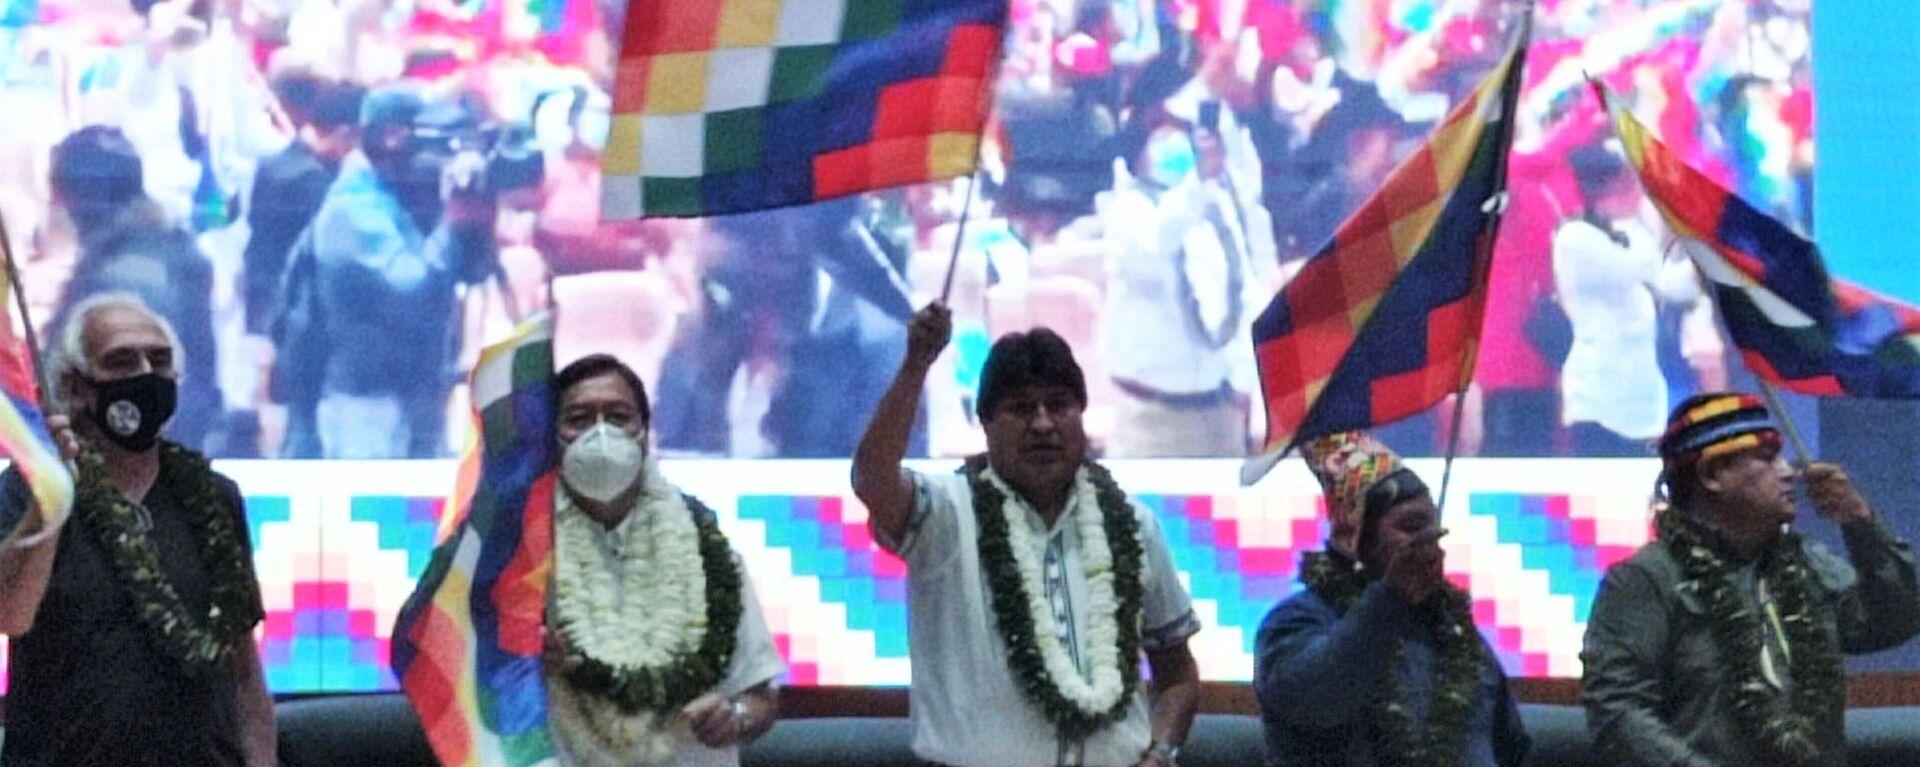 Luis Arce y el expresidente Evo Morales inauguran el  Encuentro de los pueblos y organizaciones del Abya Yala - Sputnik Mundo, 1920, 19.12.2020